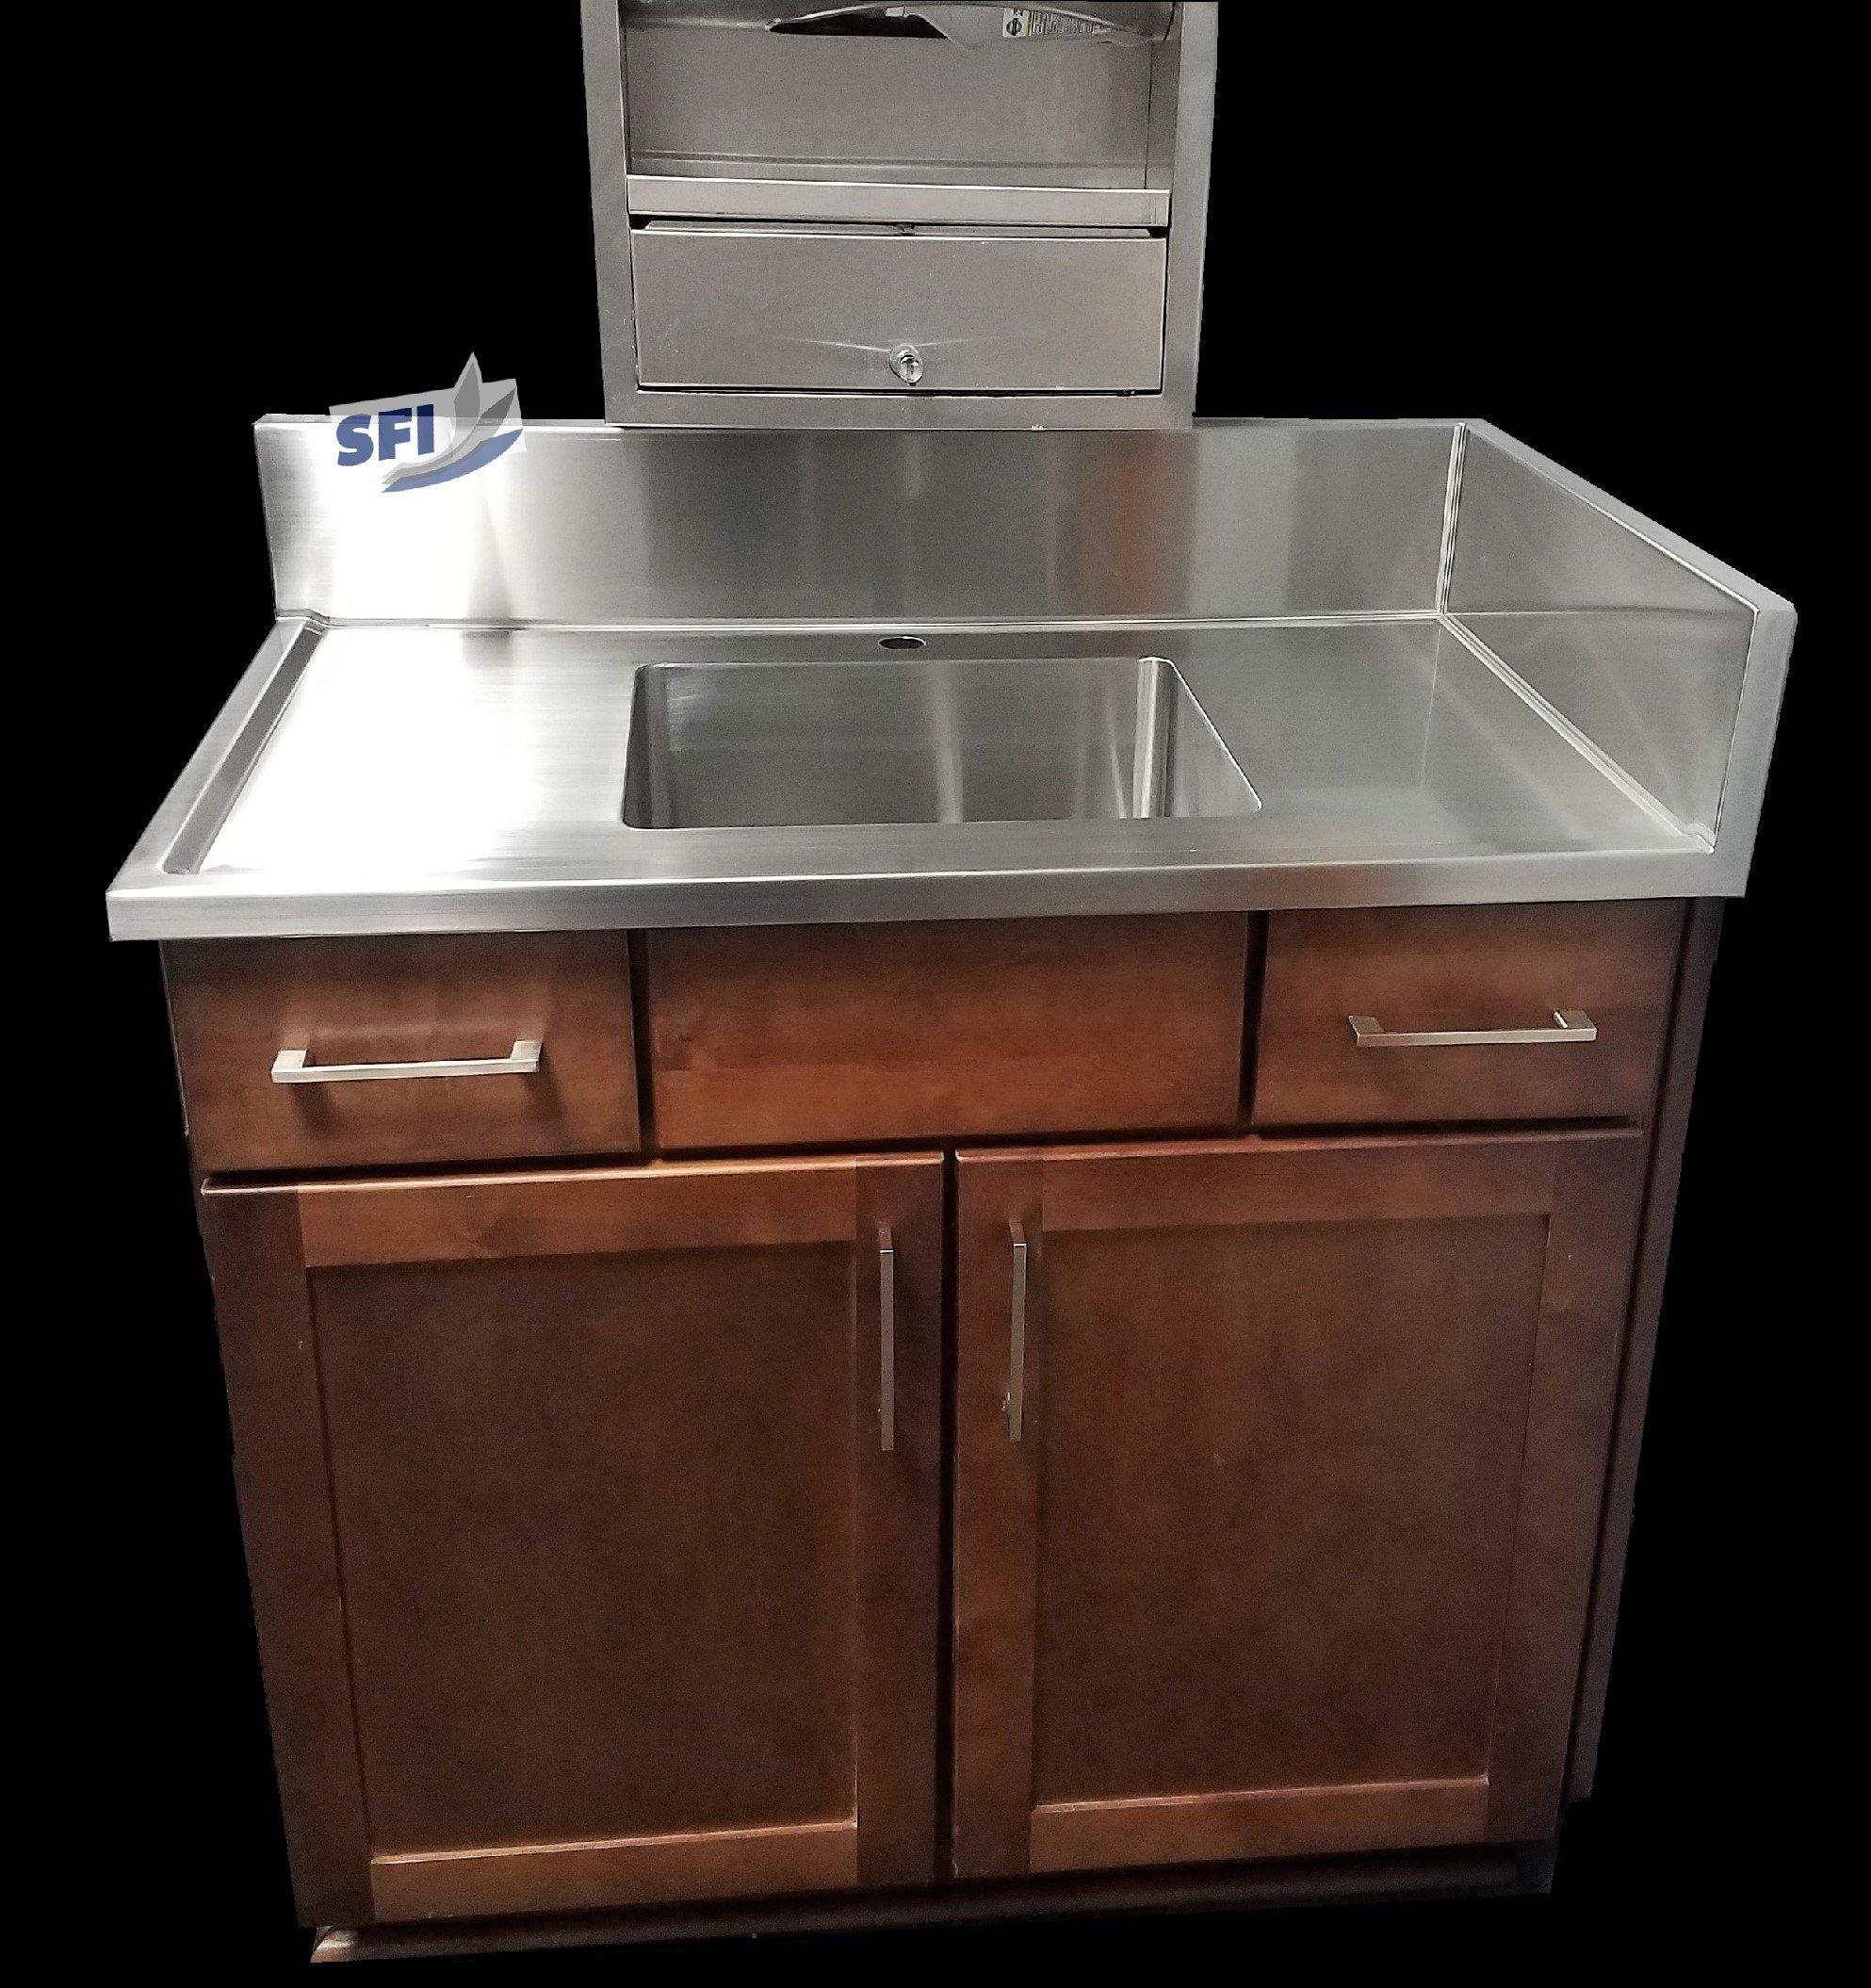 Lavatory Custom Stainless Steel Top Bathroom